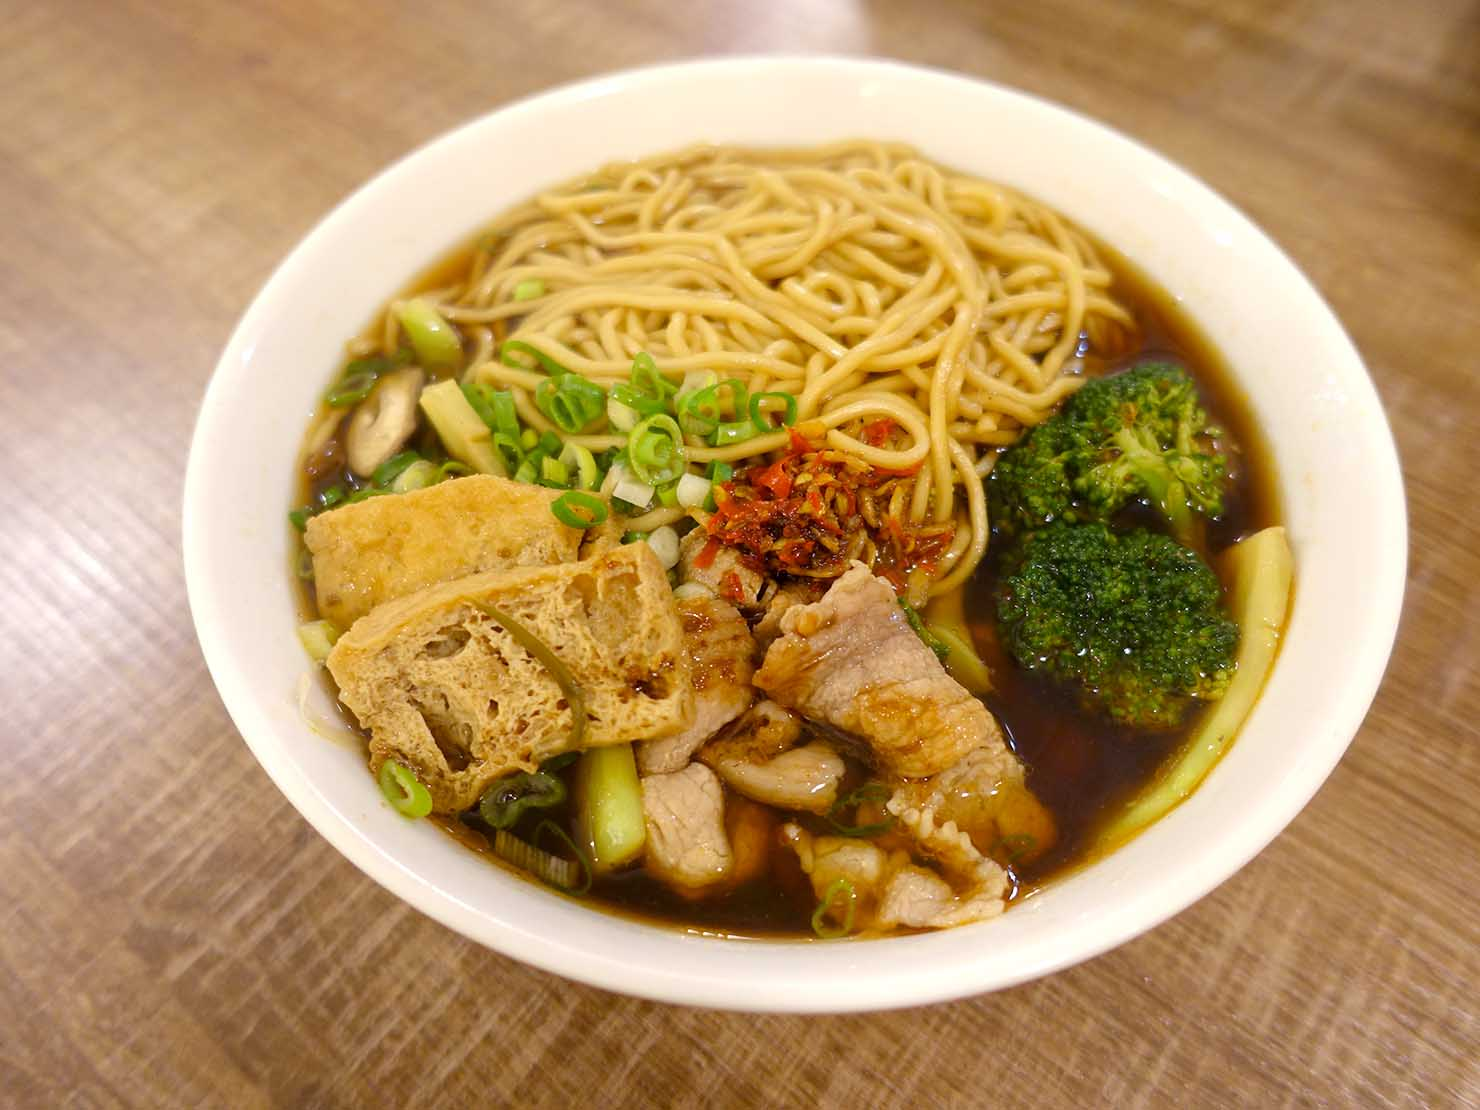 台北101エリア・市政府駅周辺のおすすめ台湾グルメ「清菜滷」の滷味(ルーウェイ)